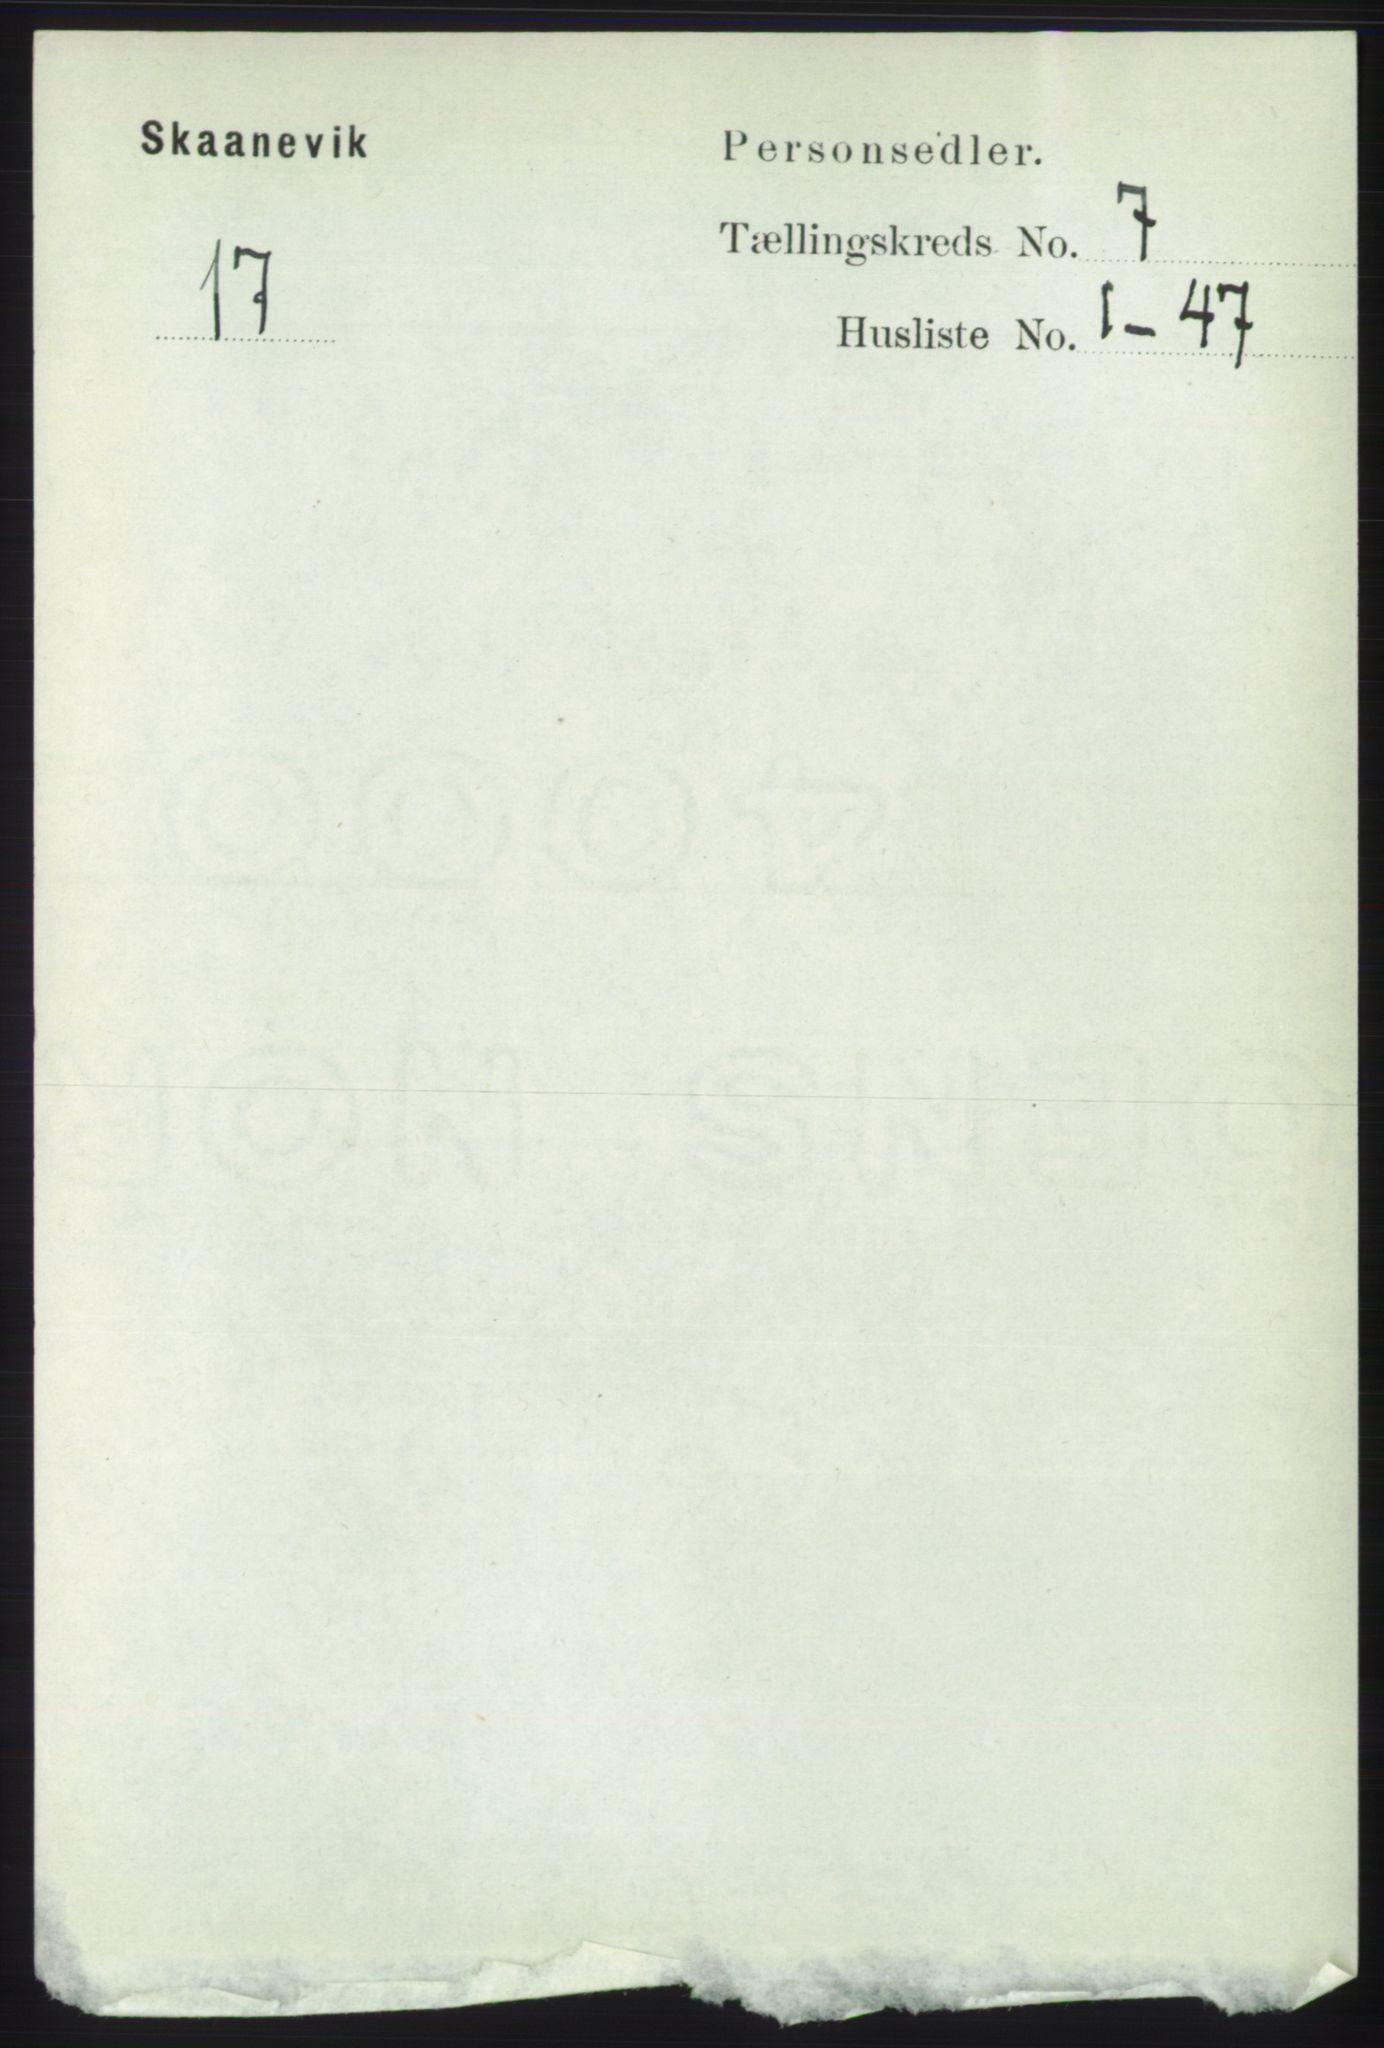 RA, Folketelling 1891 for 1212 Skånevik herred, 1891, s. 1884